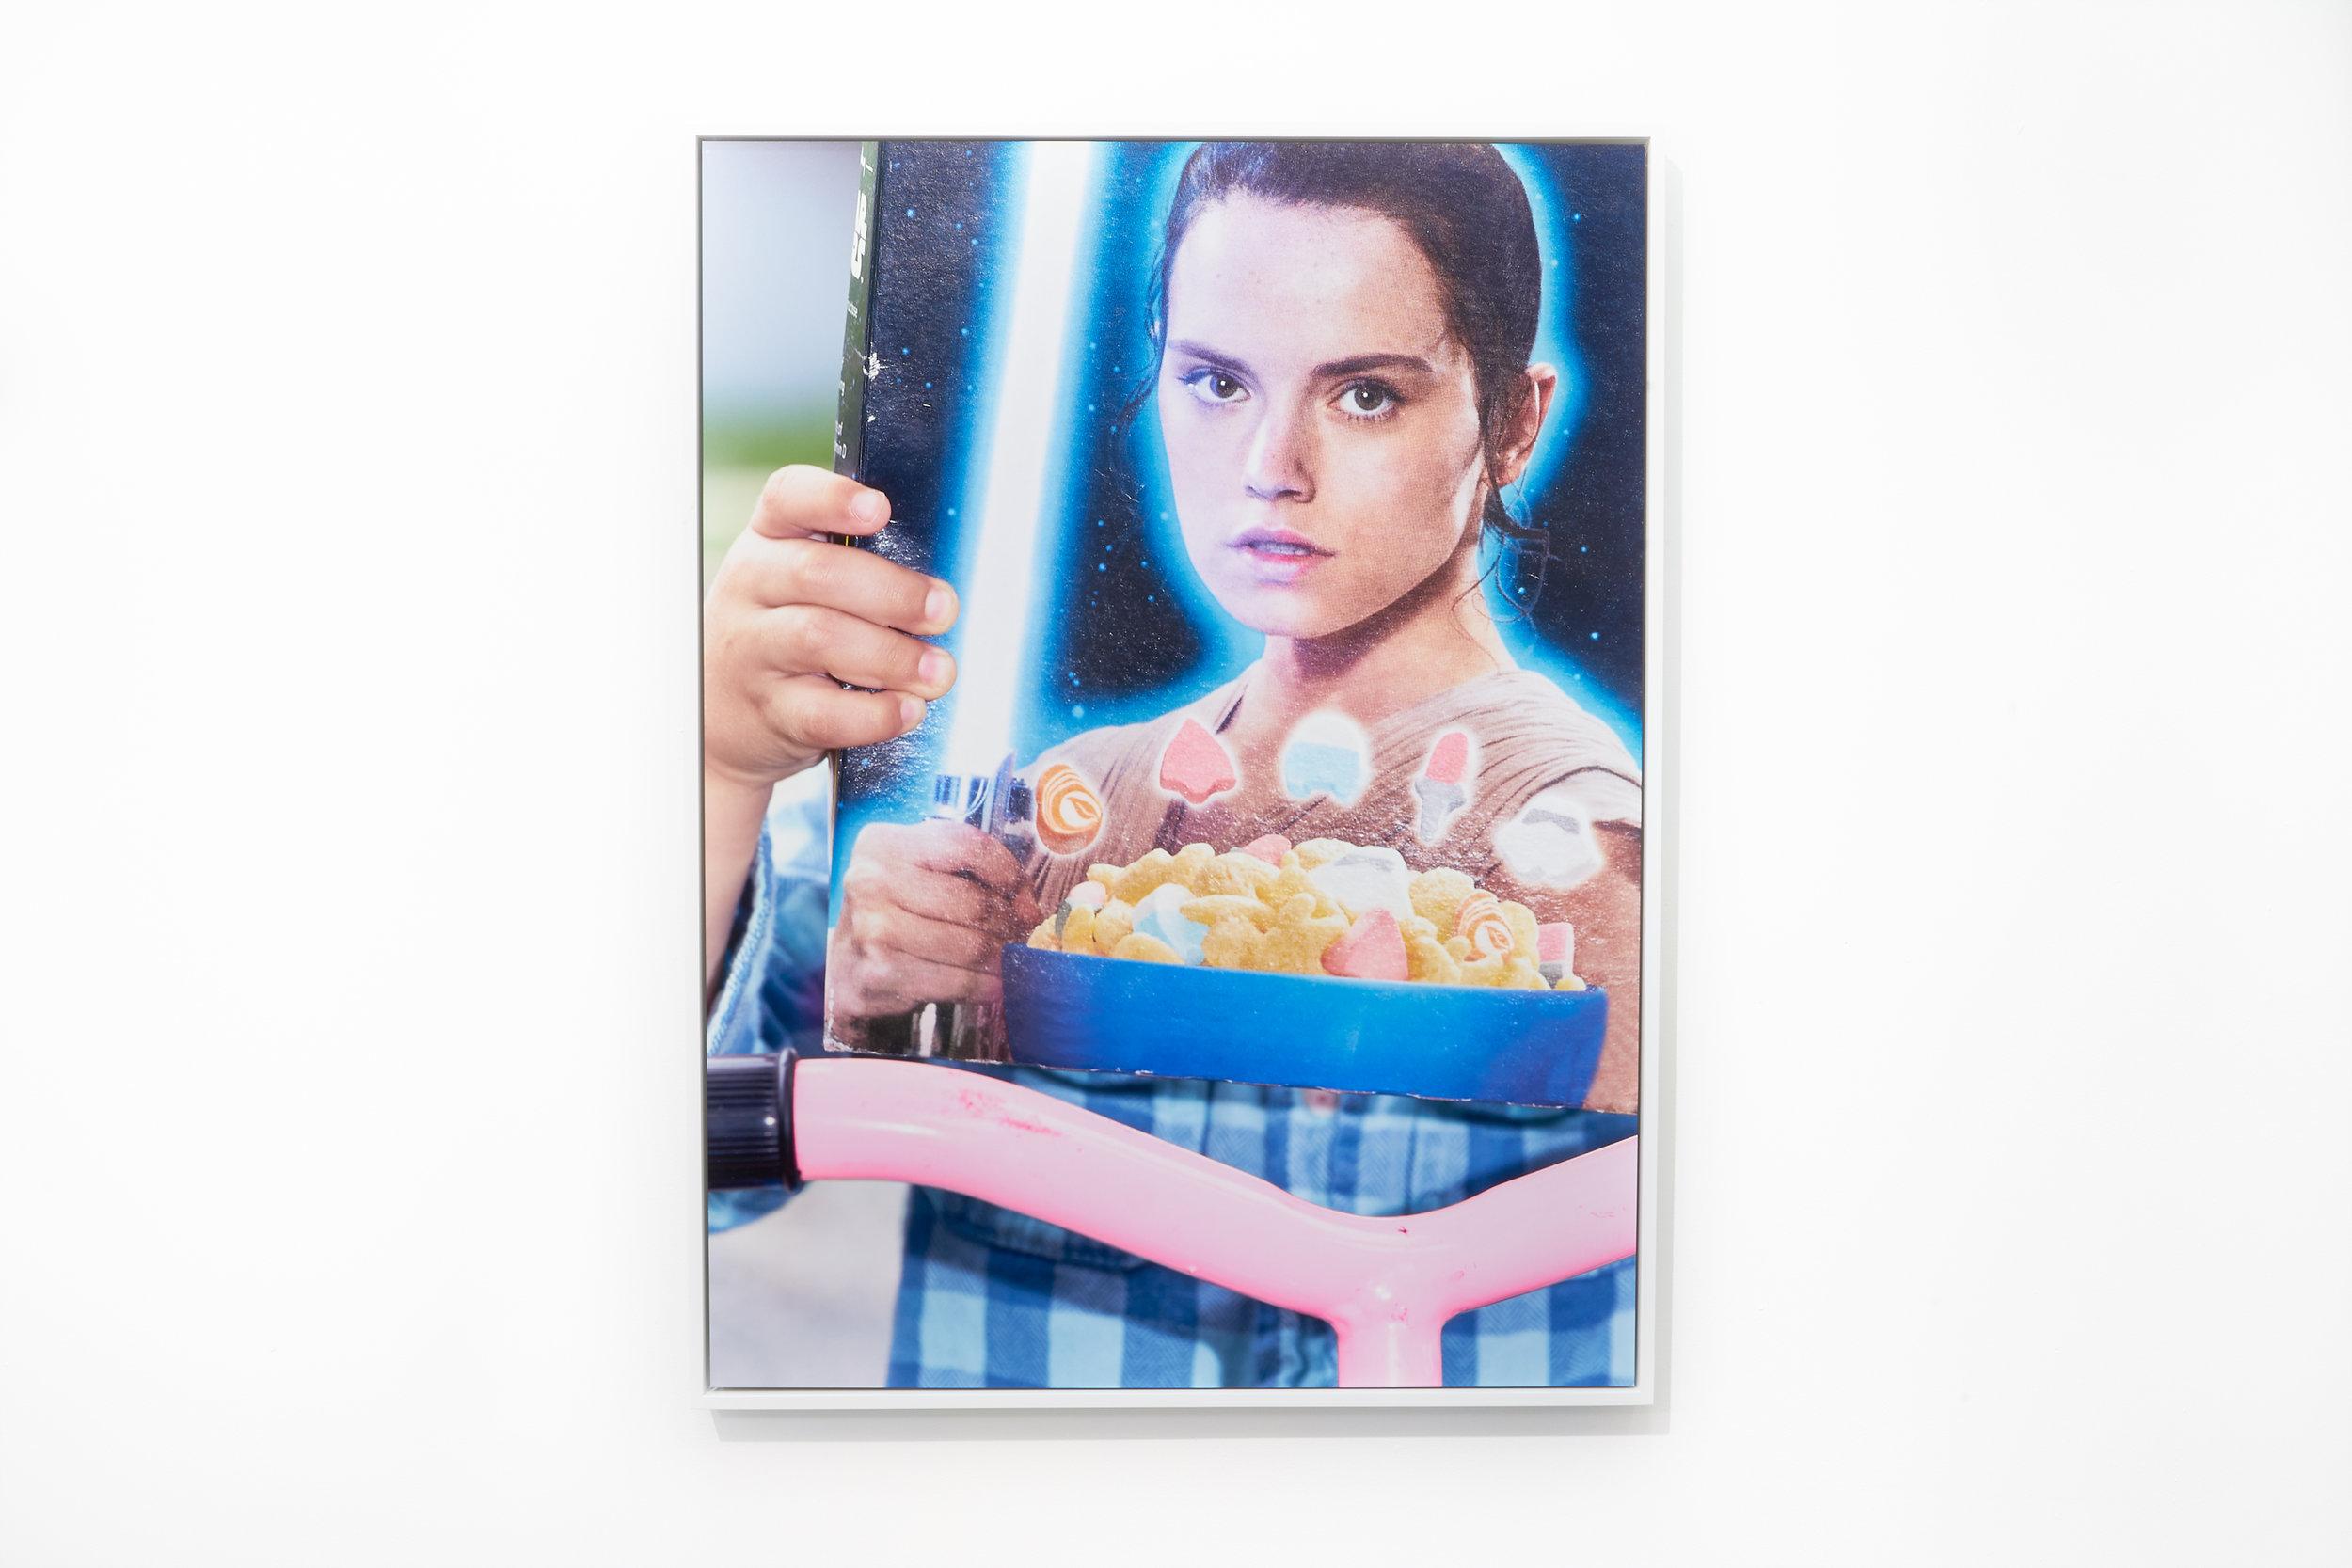 Scott Alario, The Sugar Awakens, 2017